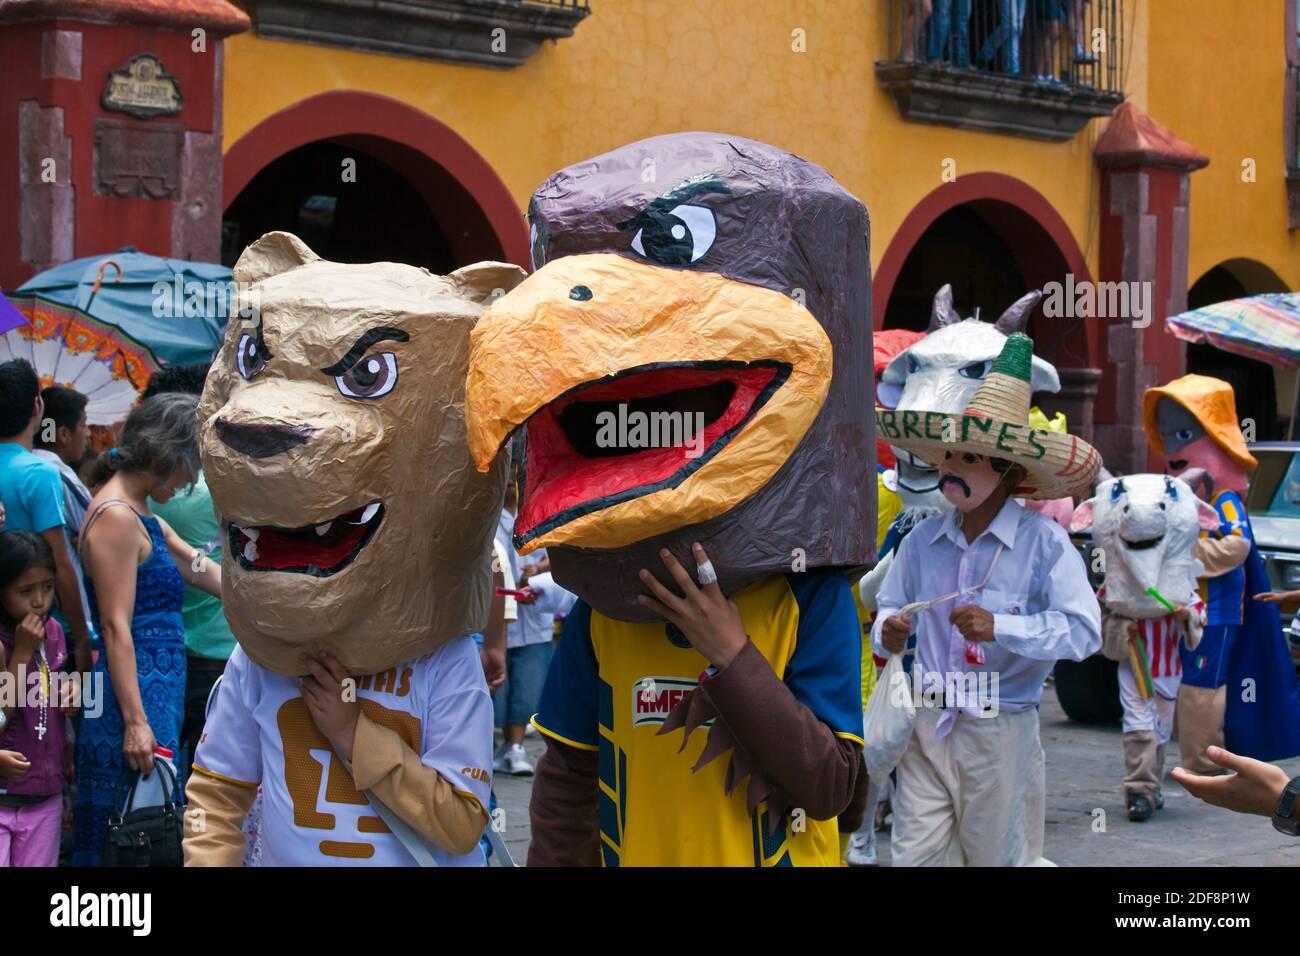 Mexikaner kleiden sich in Kostümen und nehmen an der DIA DE LOS LOKS (TAG DER VERRÜCKTEN) PARADE Teil - SAN MIGUEL DE ALLENDE, GUANAJUATO, MEXIKO Stockfoto